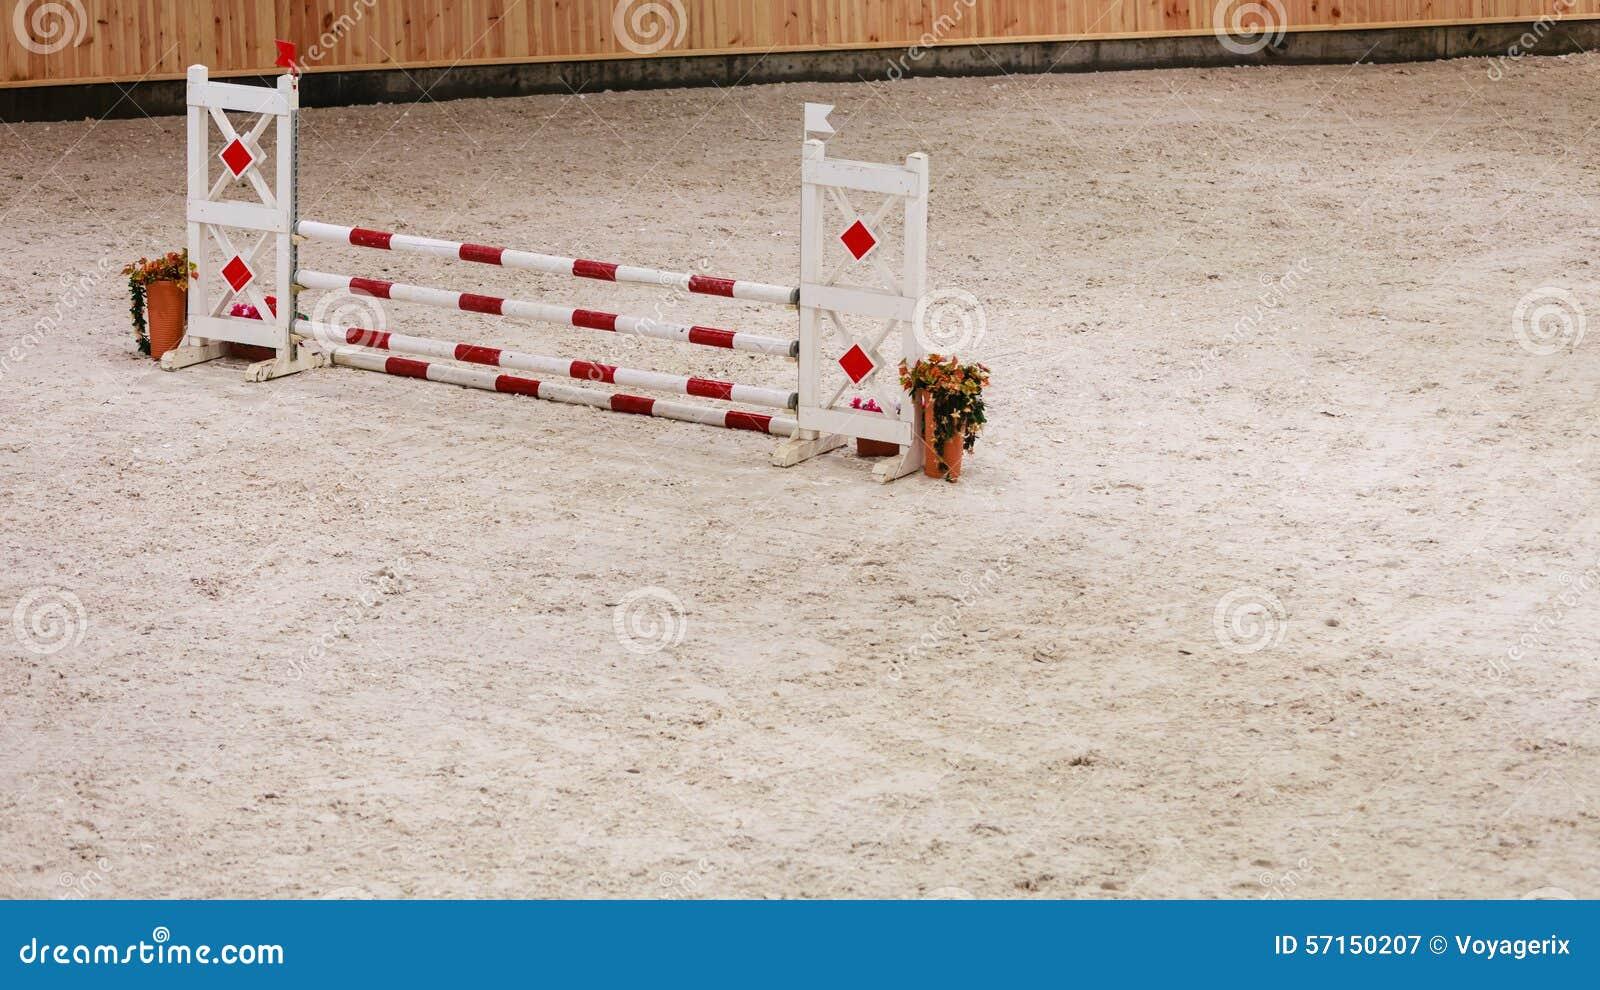 Equitation Препятствие для скача лошадей